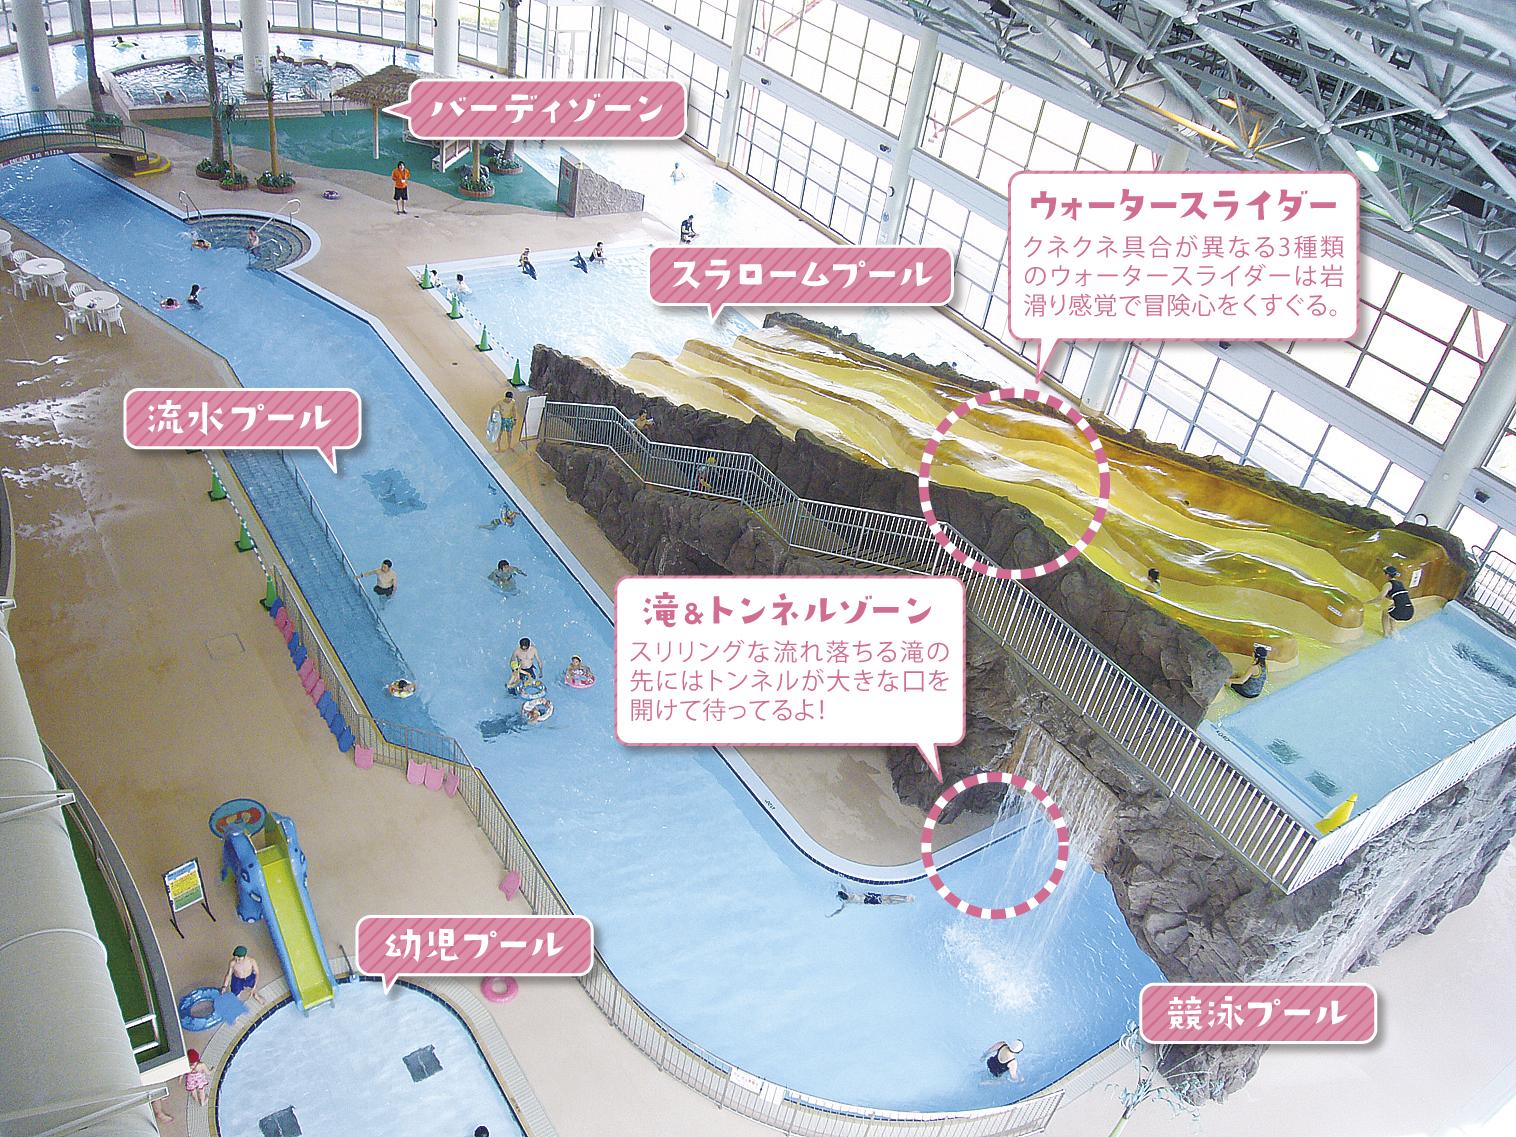 ゆぴあすプール全景広告用メイン写真のコピー